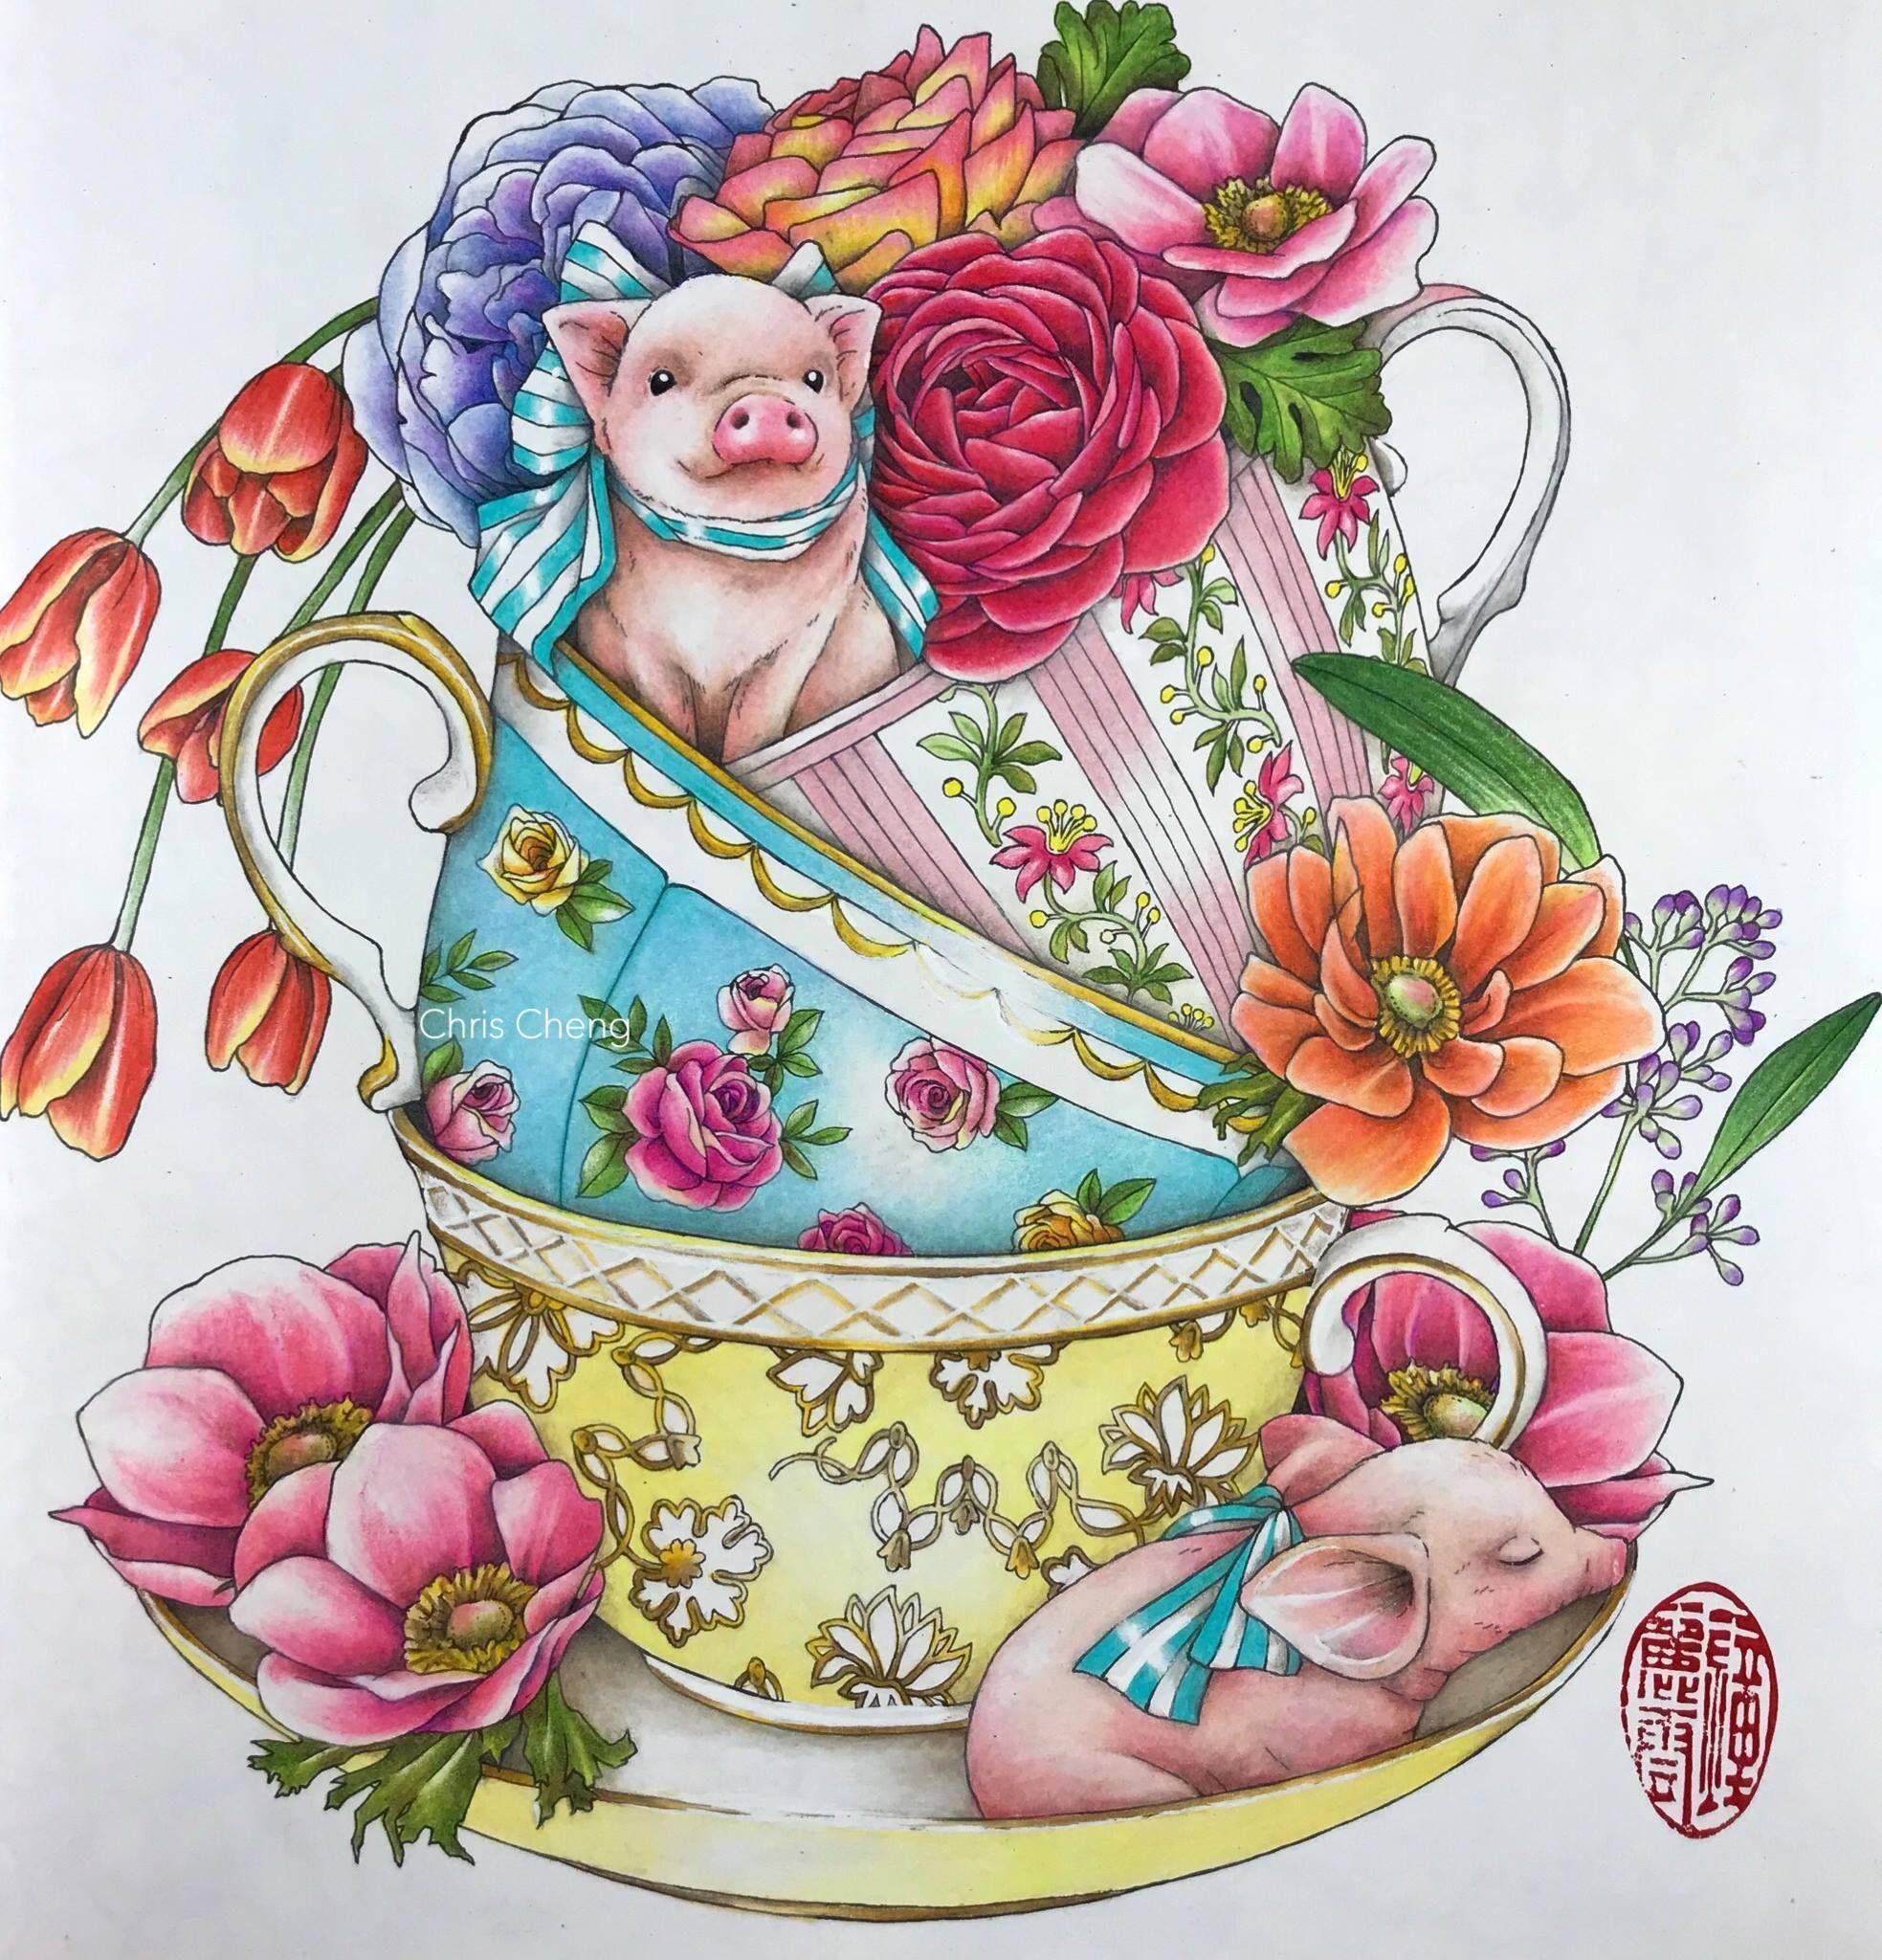 Menuet De Bonheur Chris Cheng Forest Coloring Book Chris Cheng Coloring Books